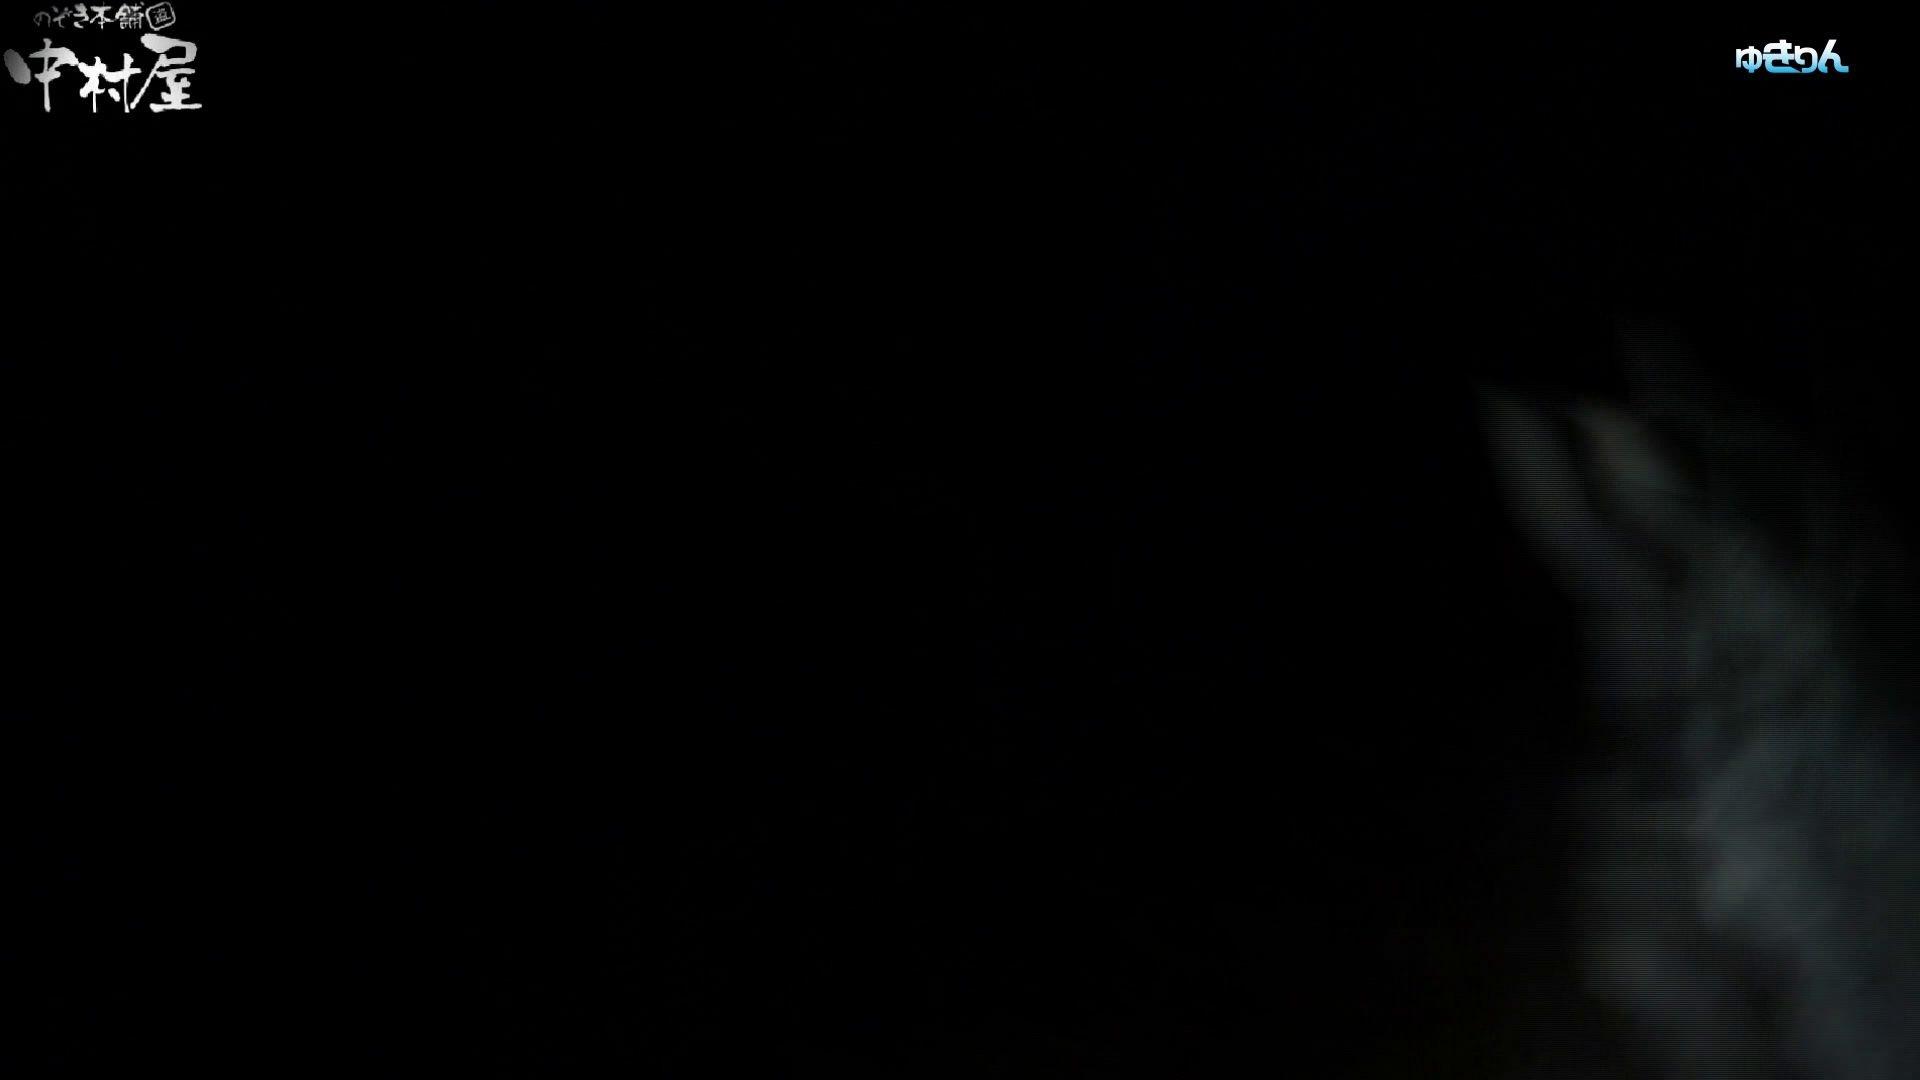 世界の射窓から~ステーション編 vol58 0.1%の確率!!吸い付こまれるプレミアム聖地 0  73連発 24